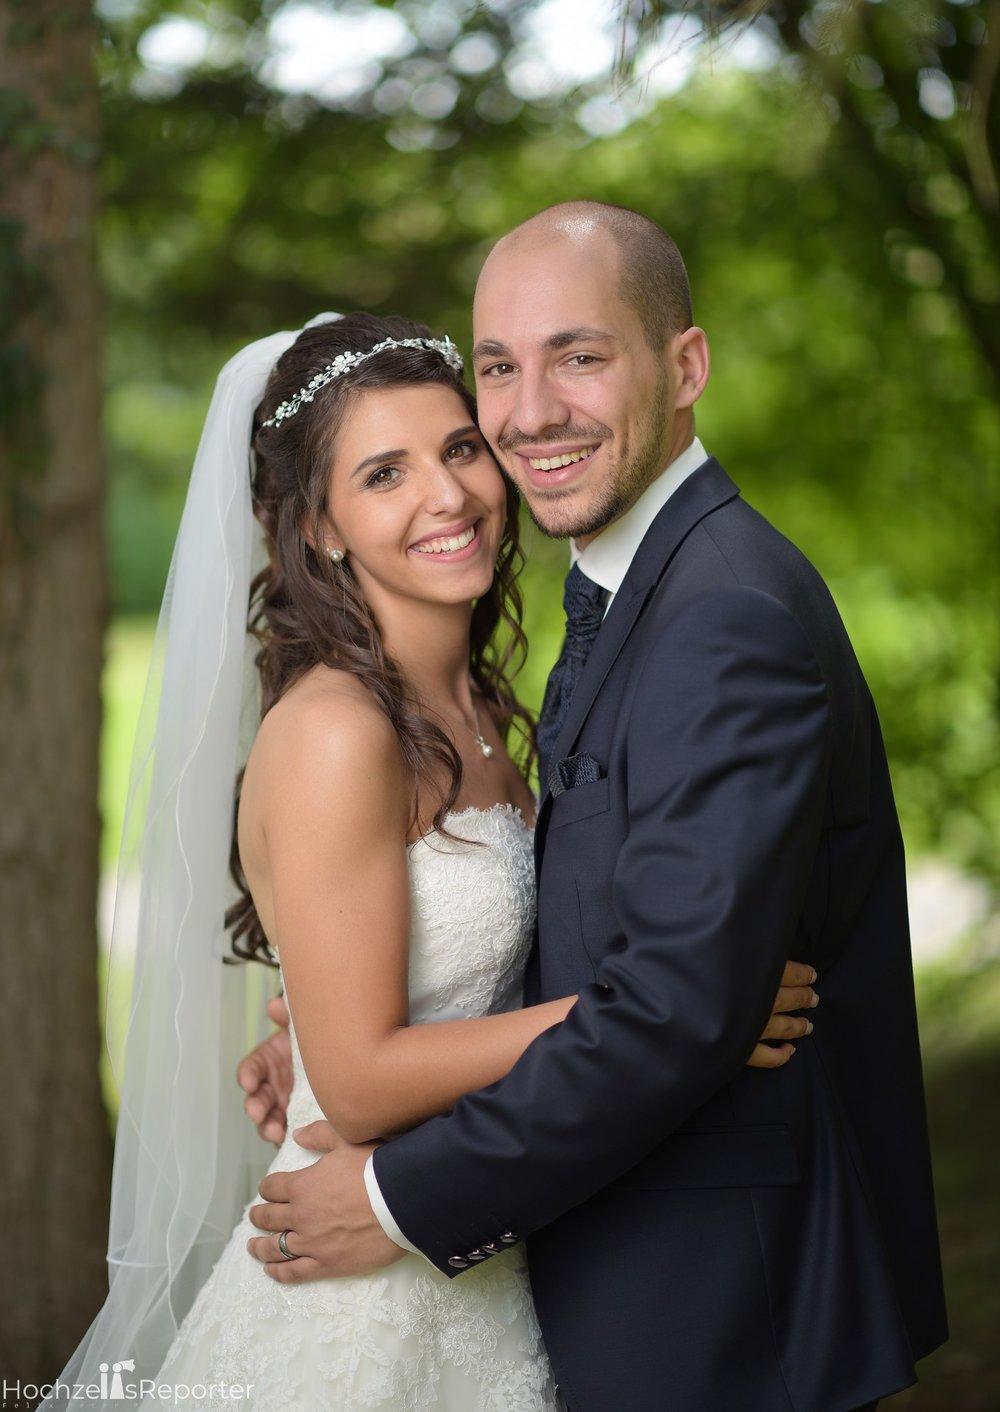 Hochzeitsfotograf_Bern_Thun_002.jpg